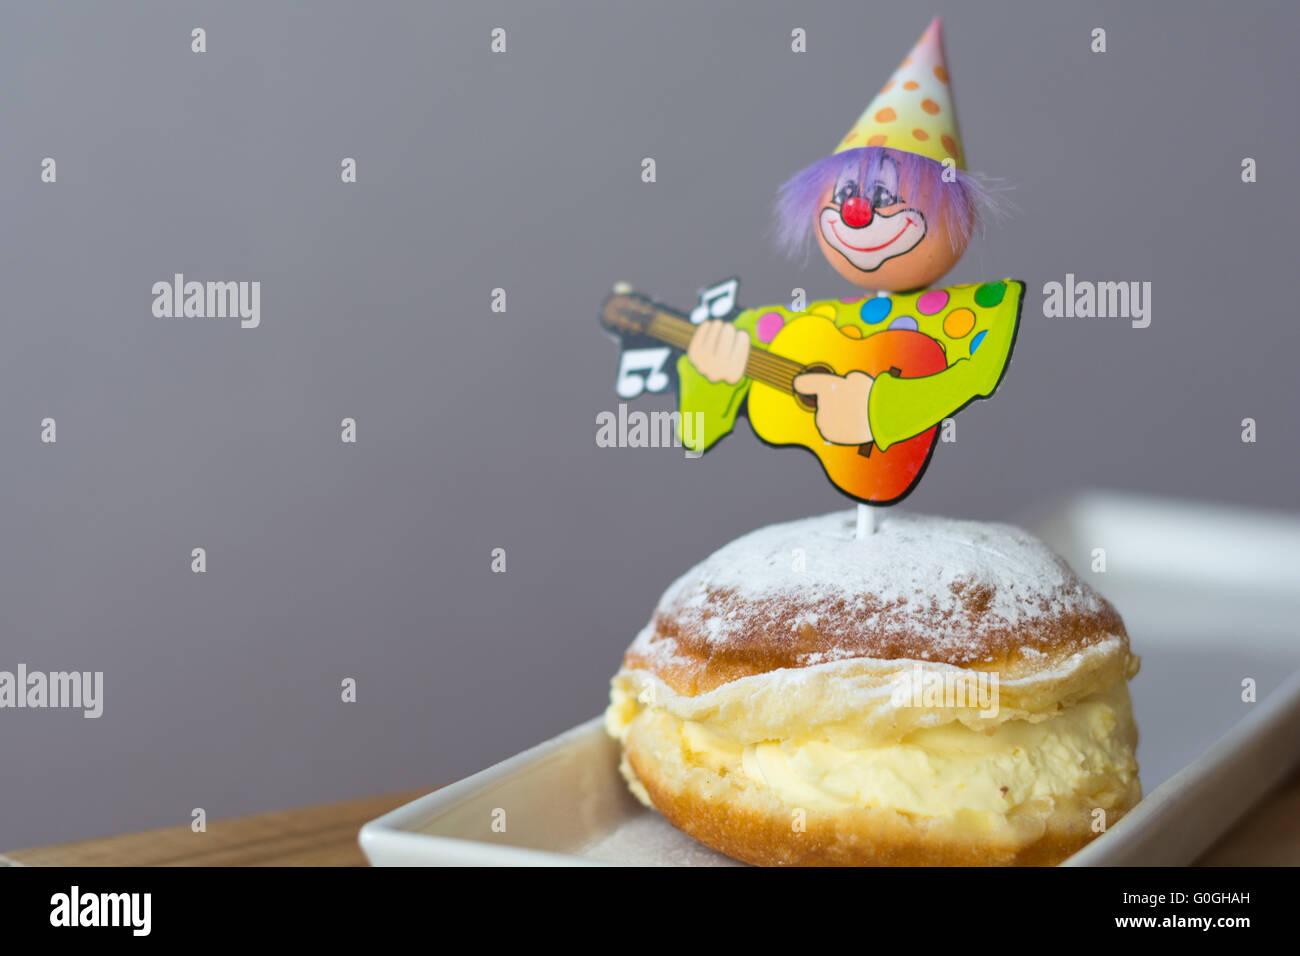 Vanille Donut dekoriert mit Karneval-Figur Stockfoto